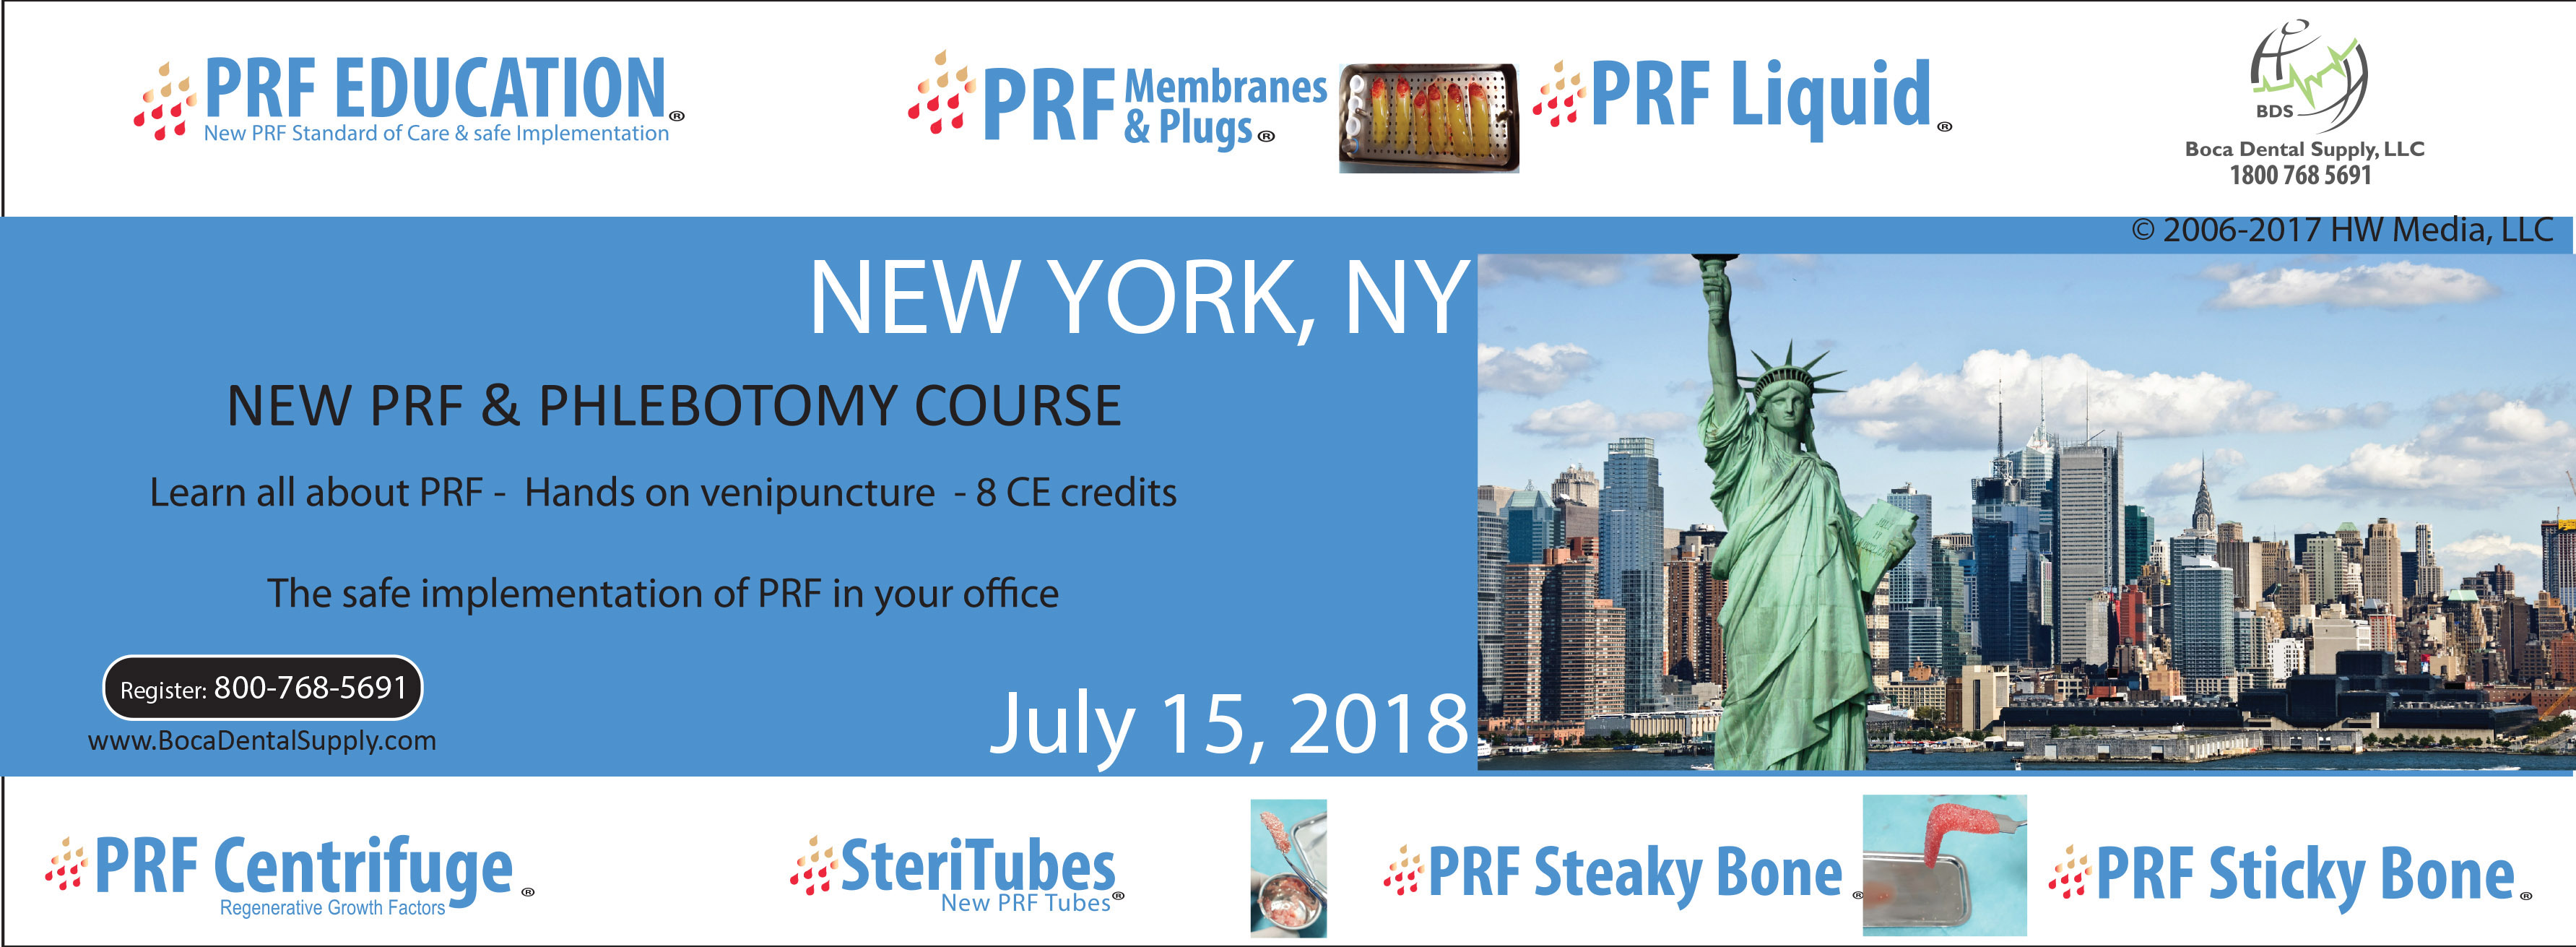 prf-course-new-2-ny-2018.jpg